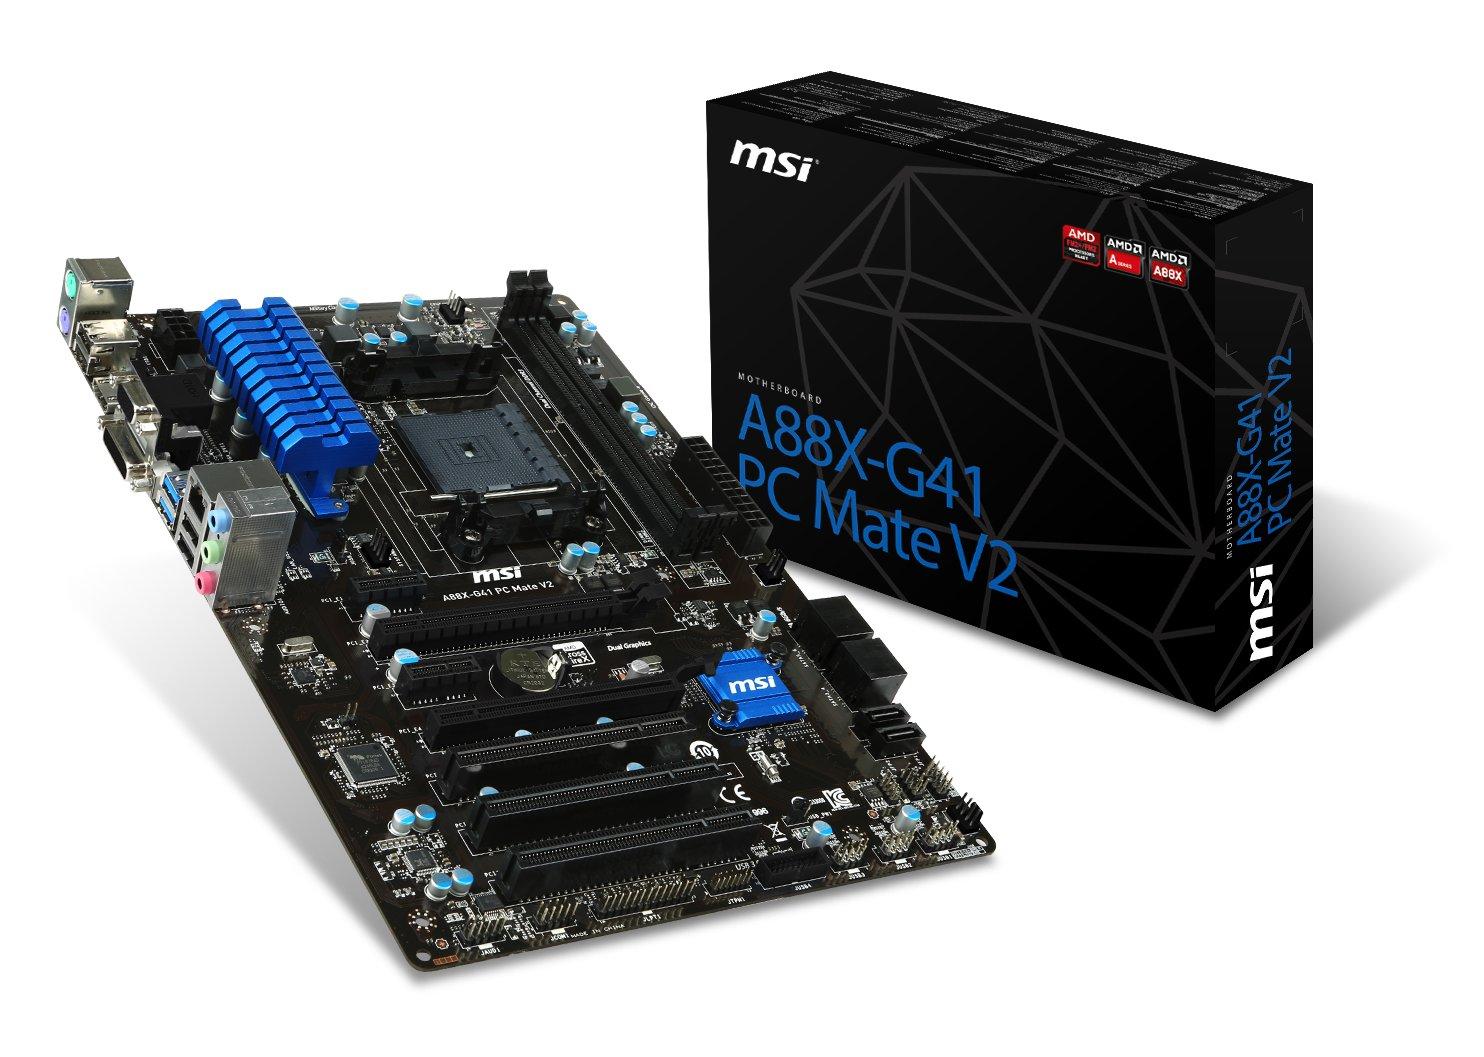 MSI A88X-G41 PC Mate V2